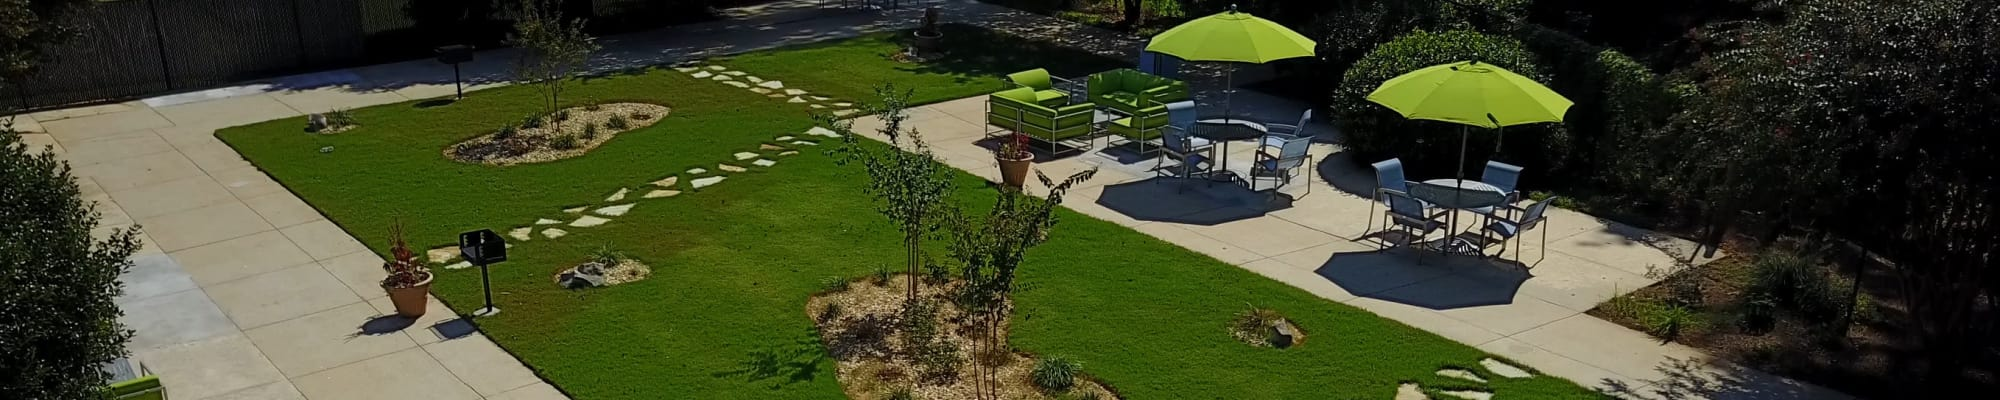 Floor plans at Avondale Reserve in Avondale Estates, Georgia